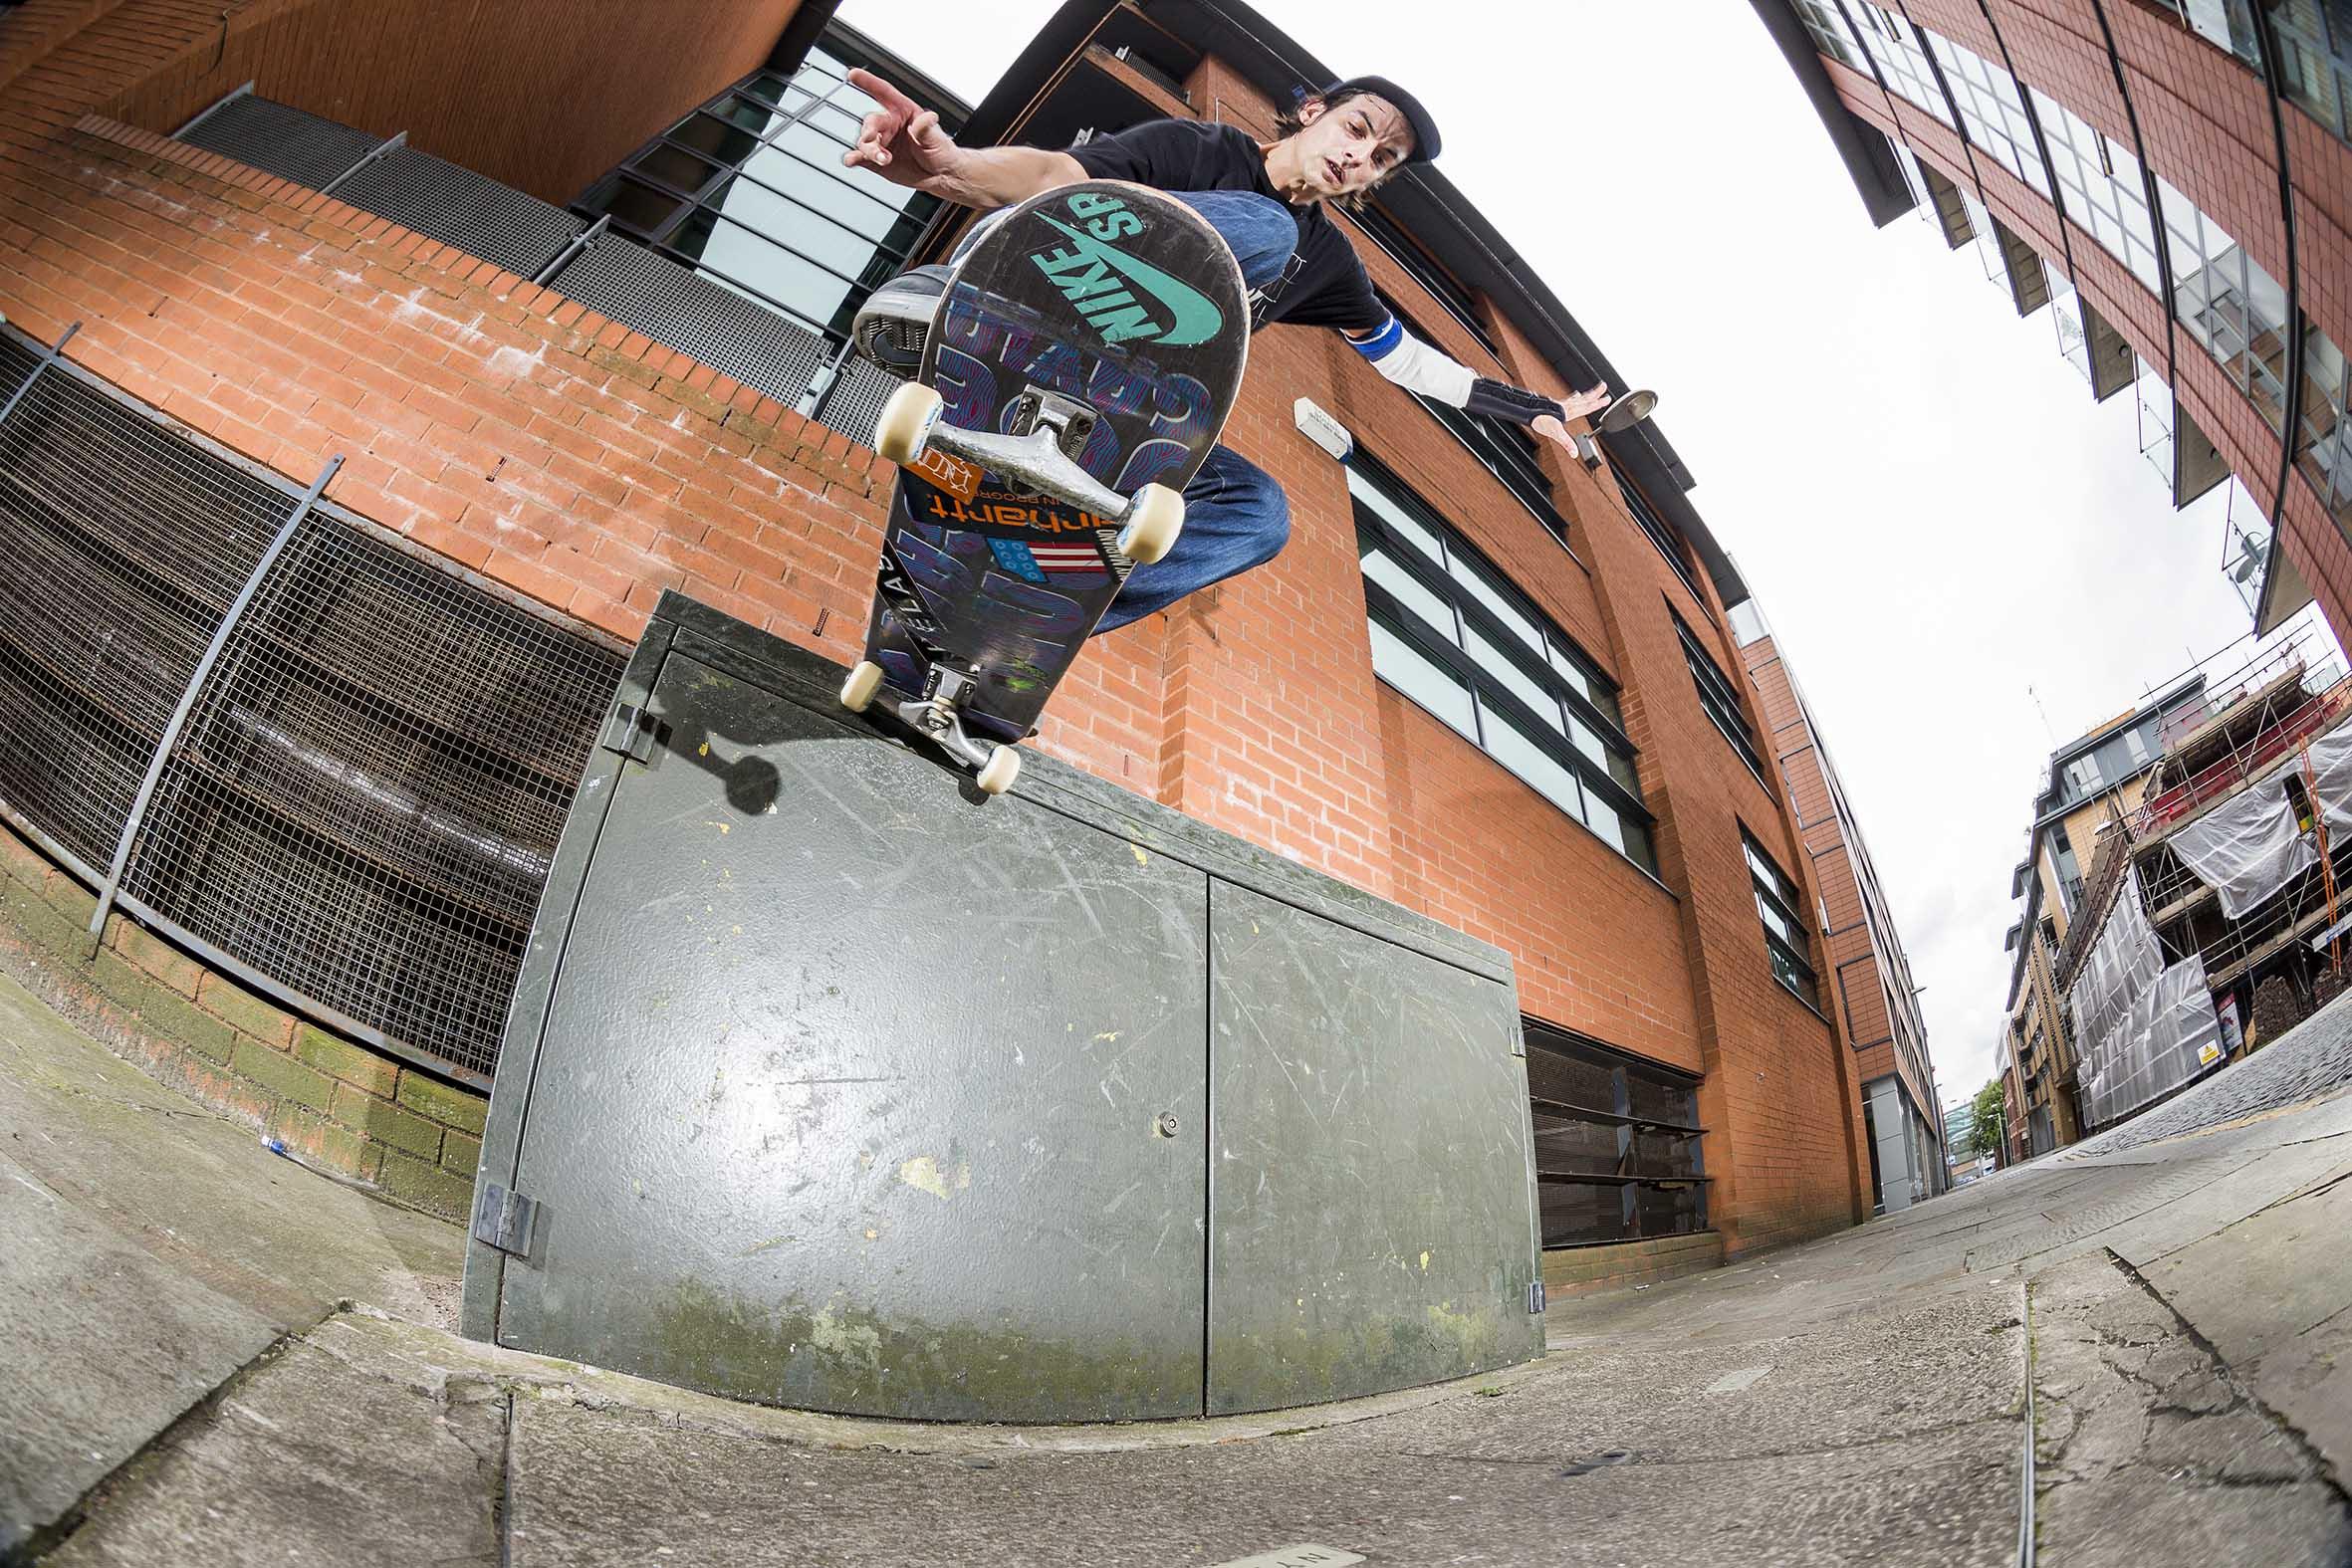 Joe Gavin - switch backside tailslide